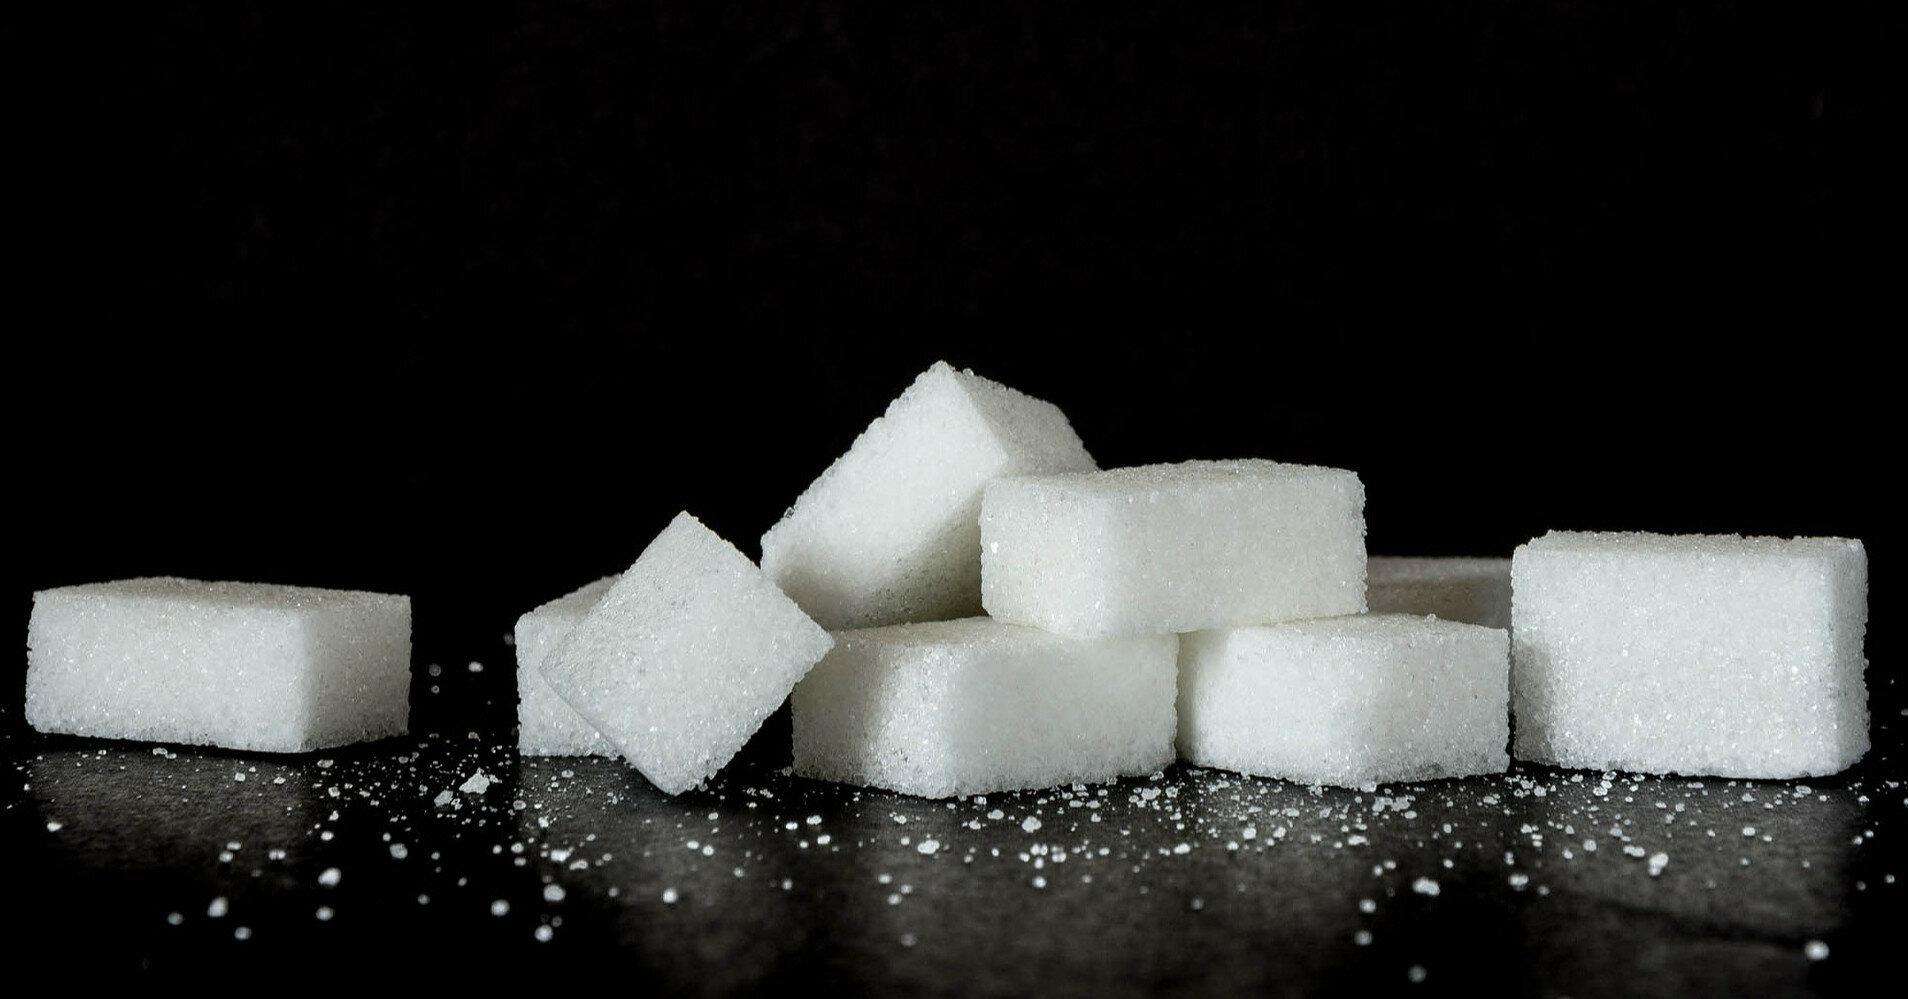 Цены на сахар резко взлетели: озвучены причины